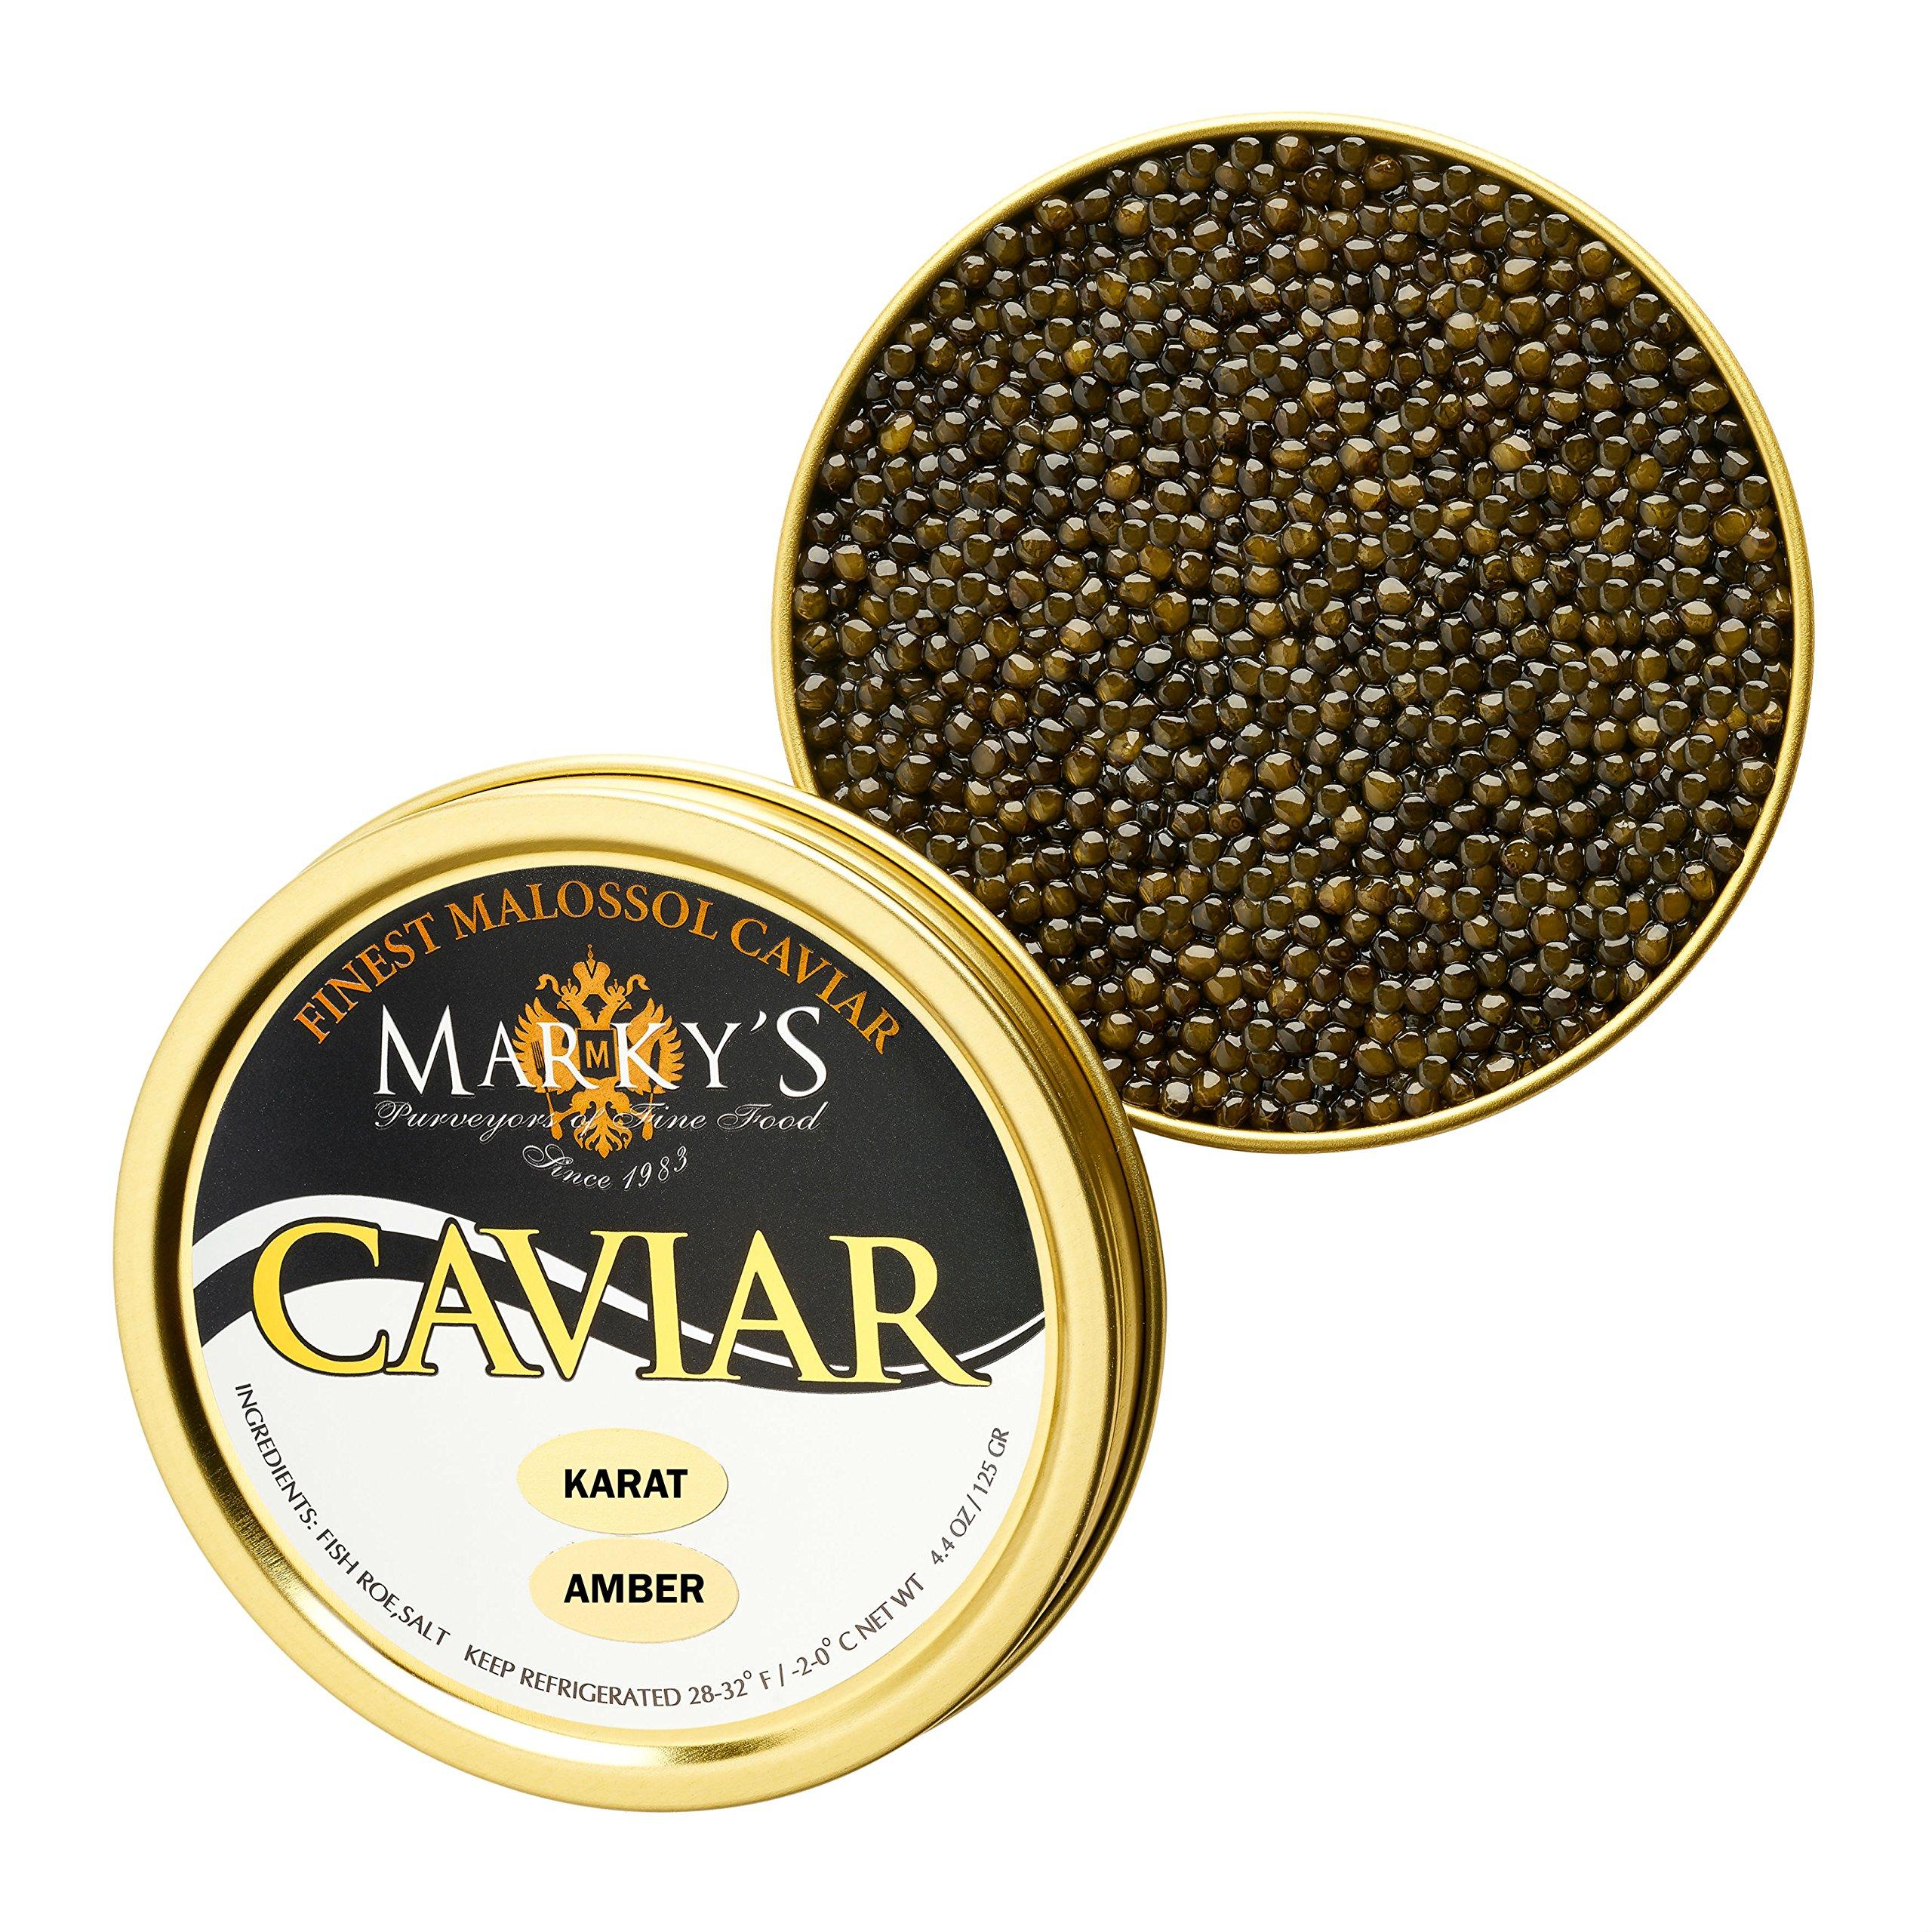 Russian Osetra Karat Caviar Amber - 2 oz by Marky's Caviar